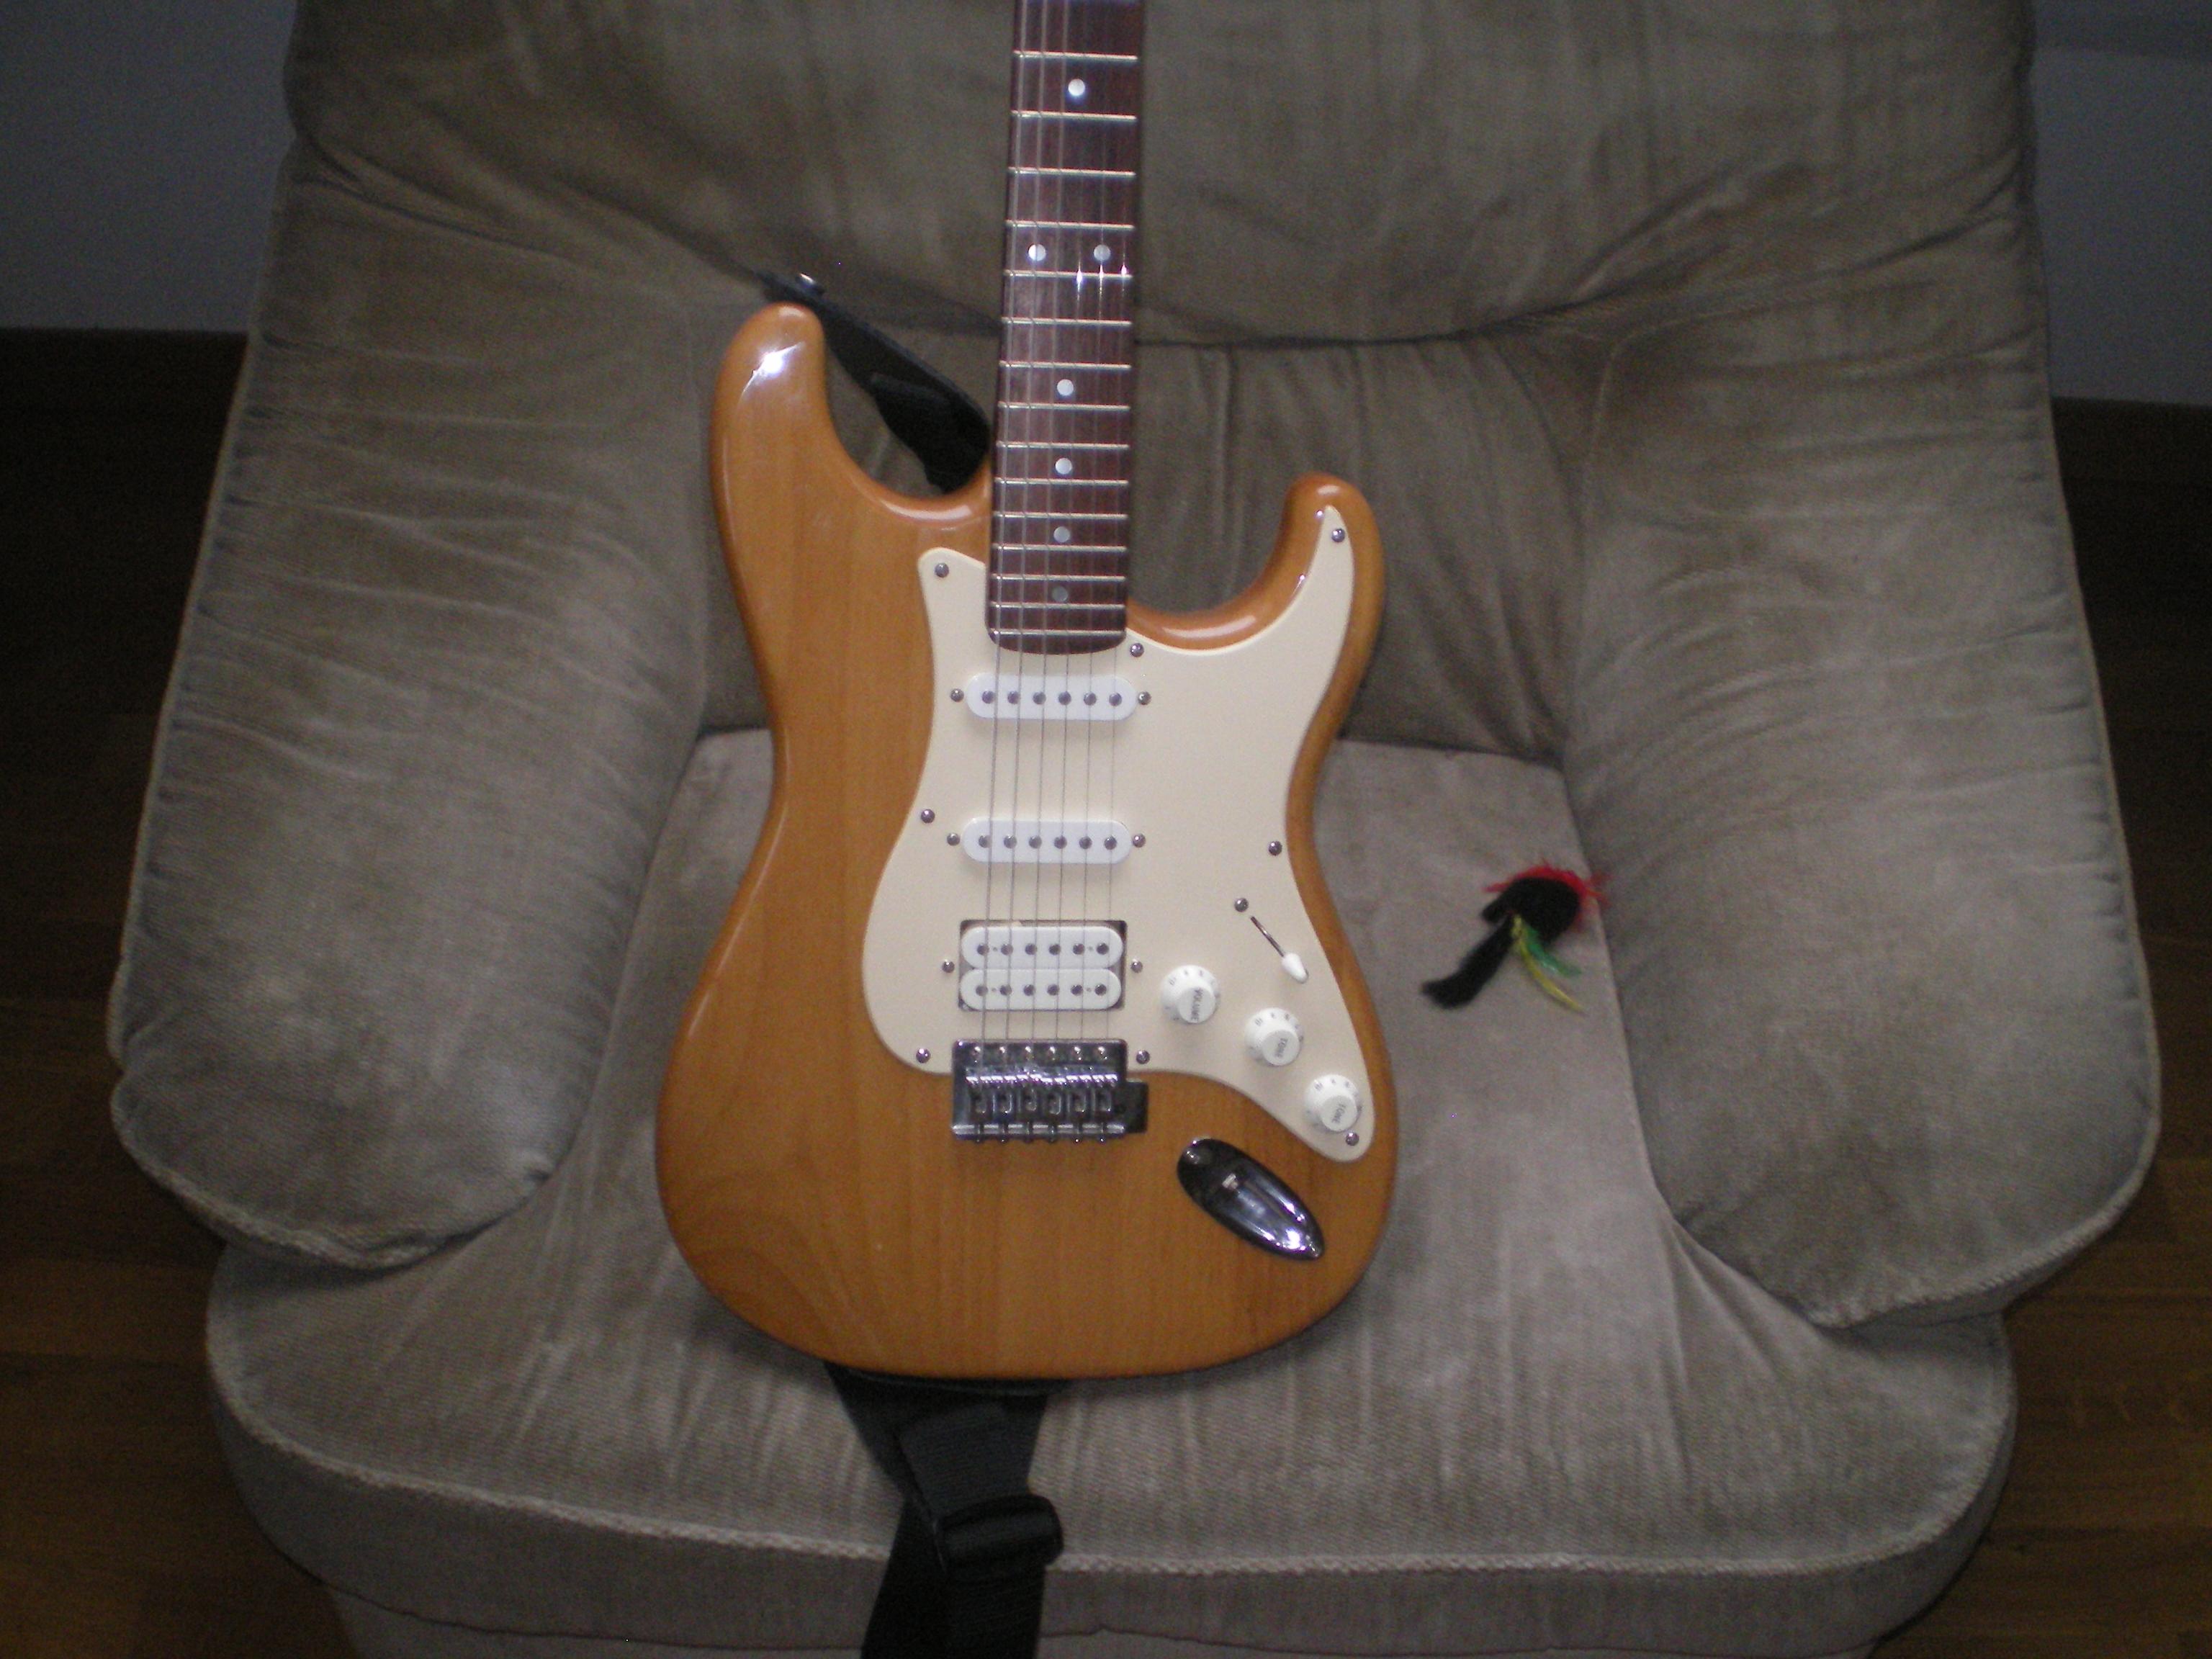 guitare xp stratocaster